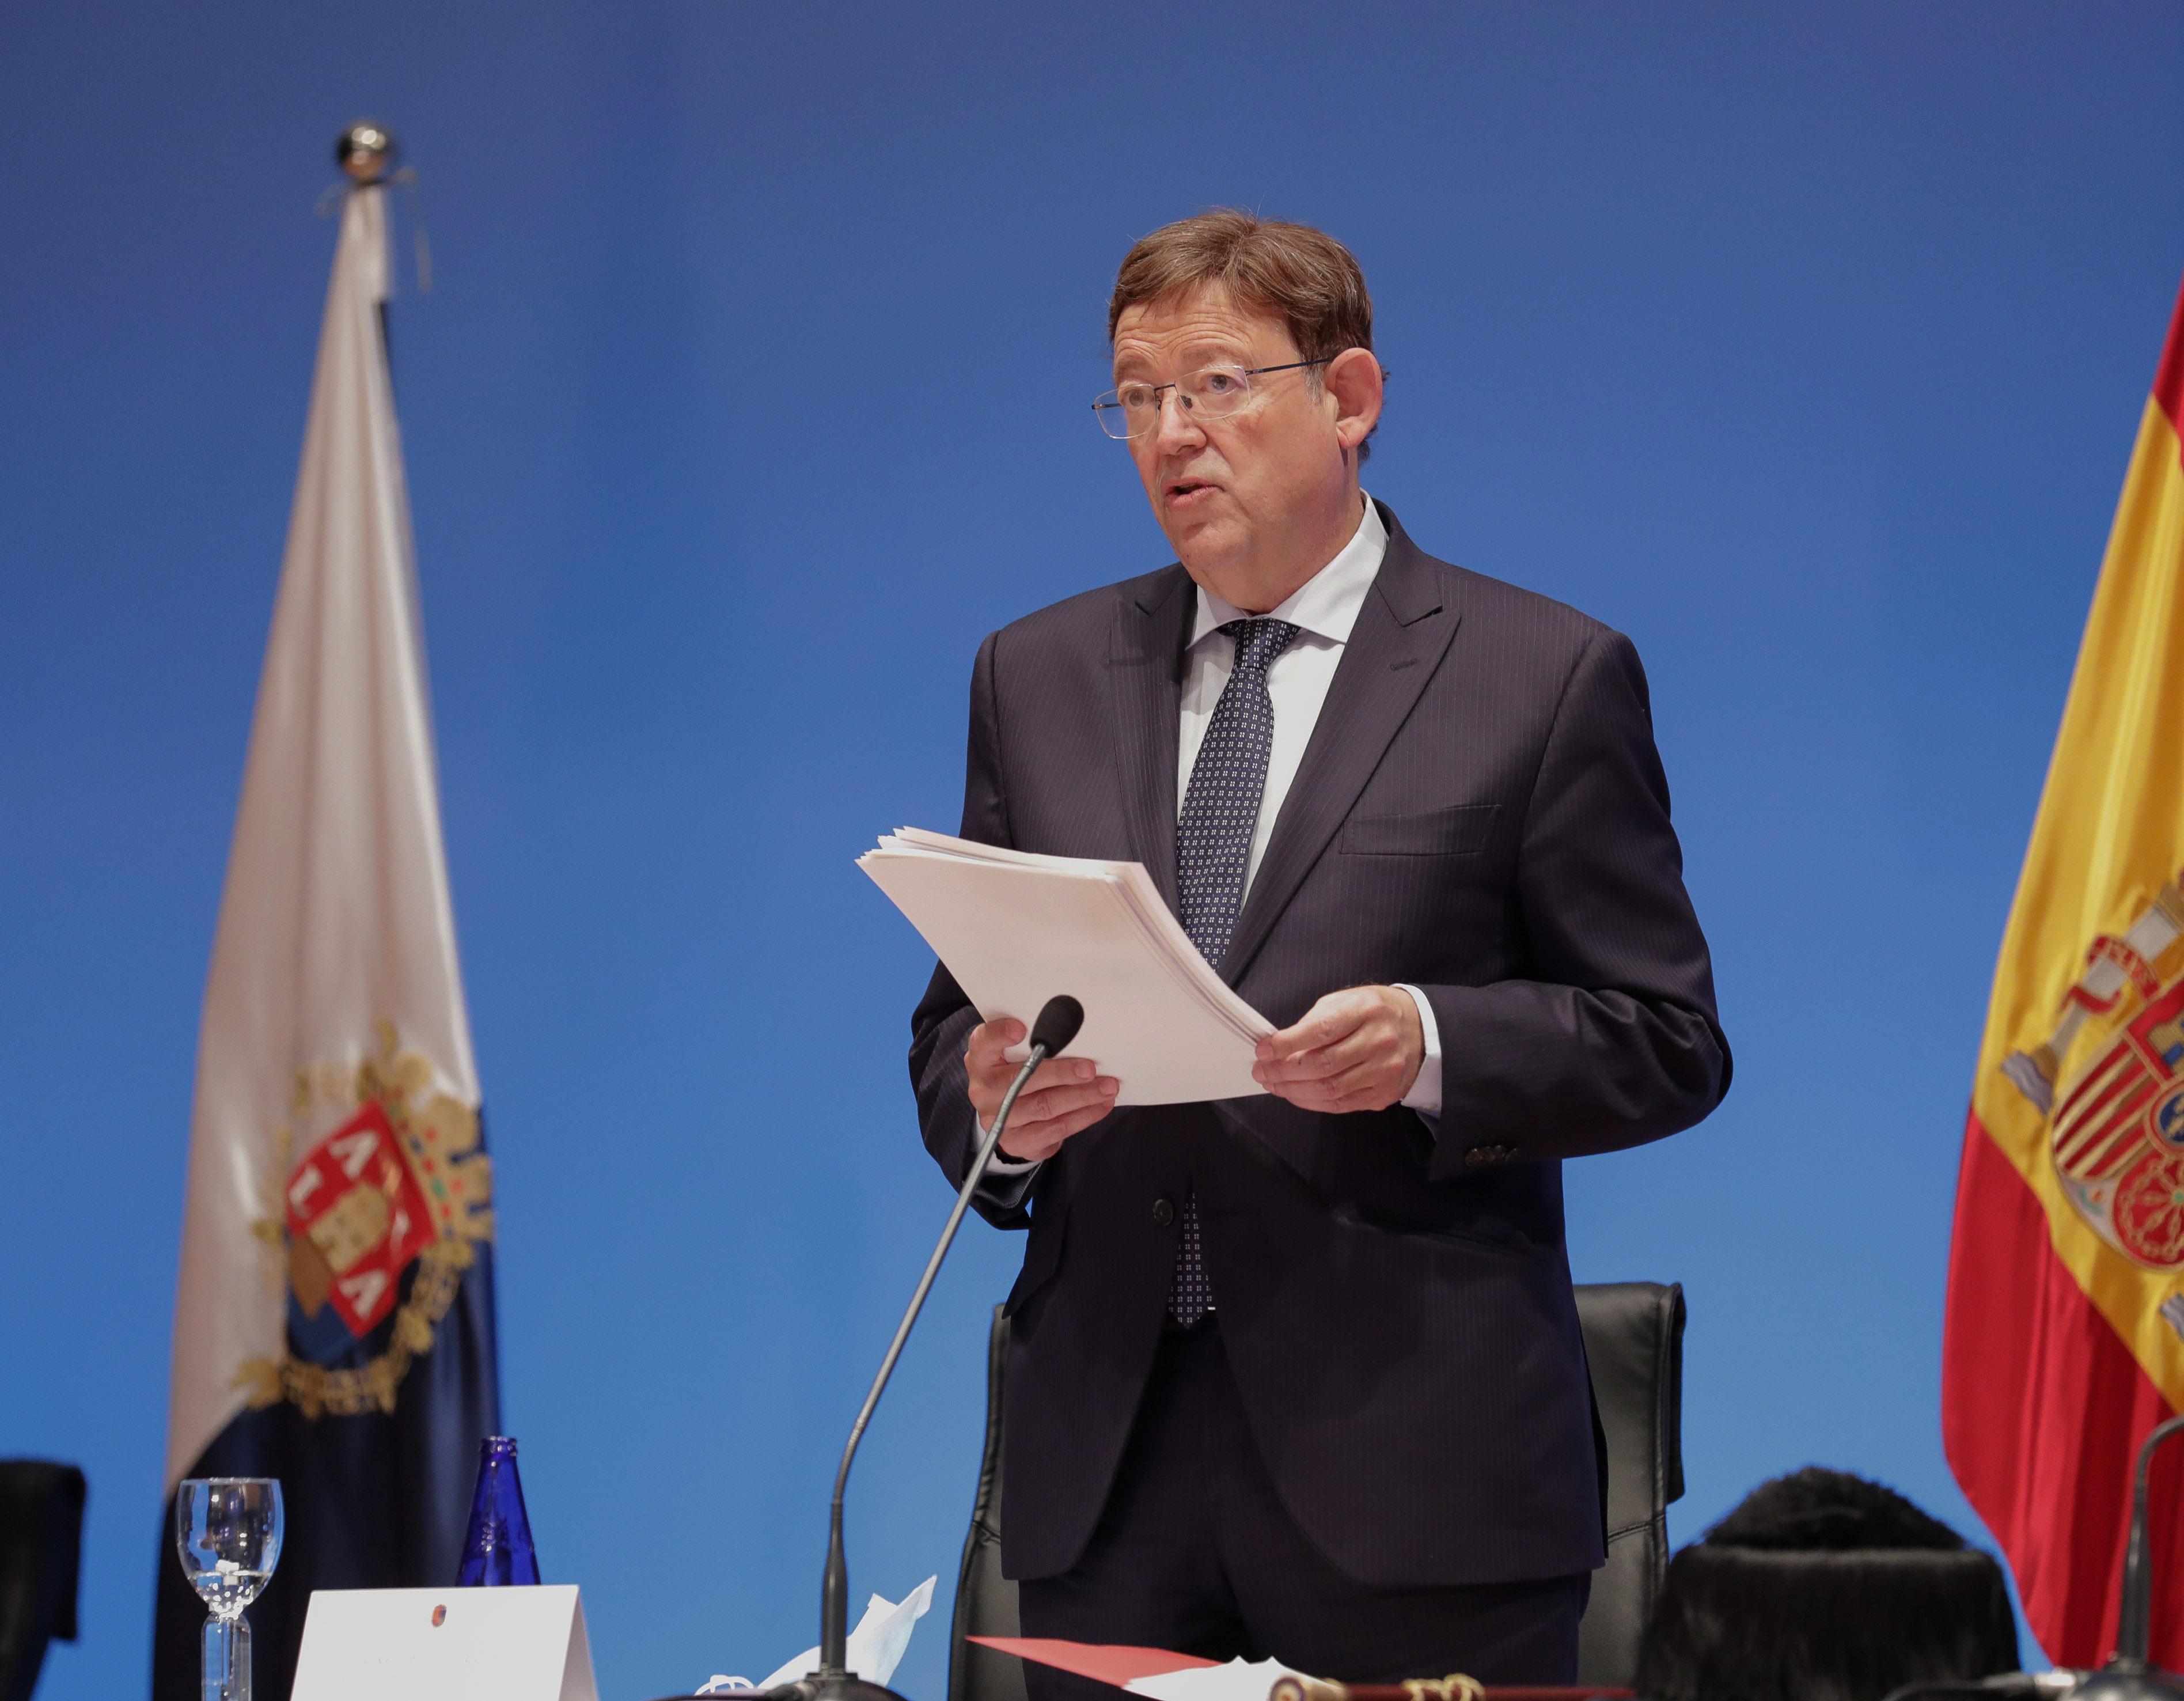 Ximo Puig anuncia proyectos en el ámbito científico por valor de 425 millones de euros para fortalecer la Estrategia de Recuperación de la Comunit...